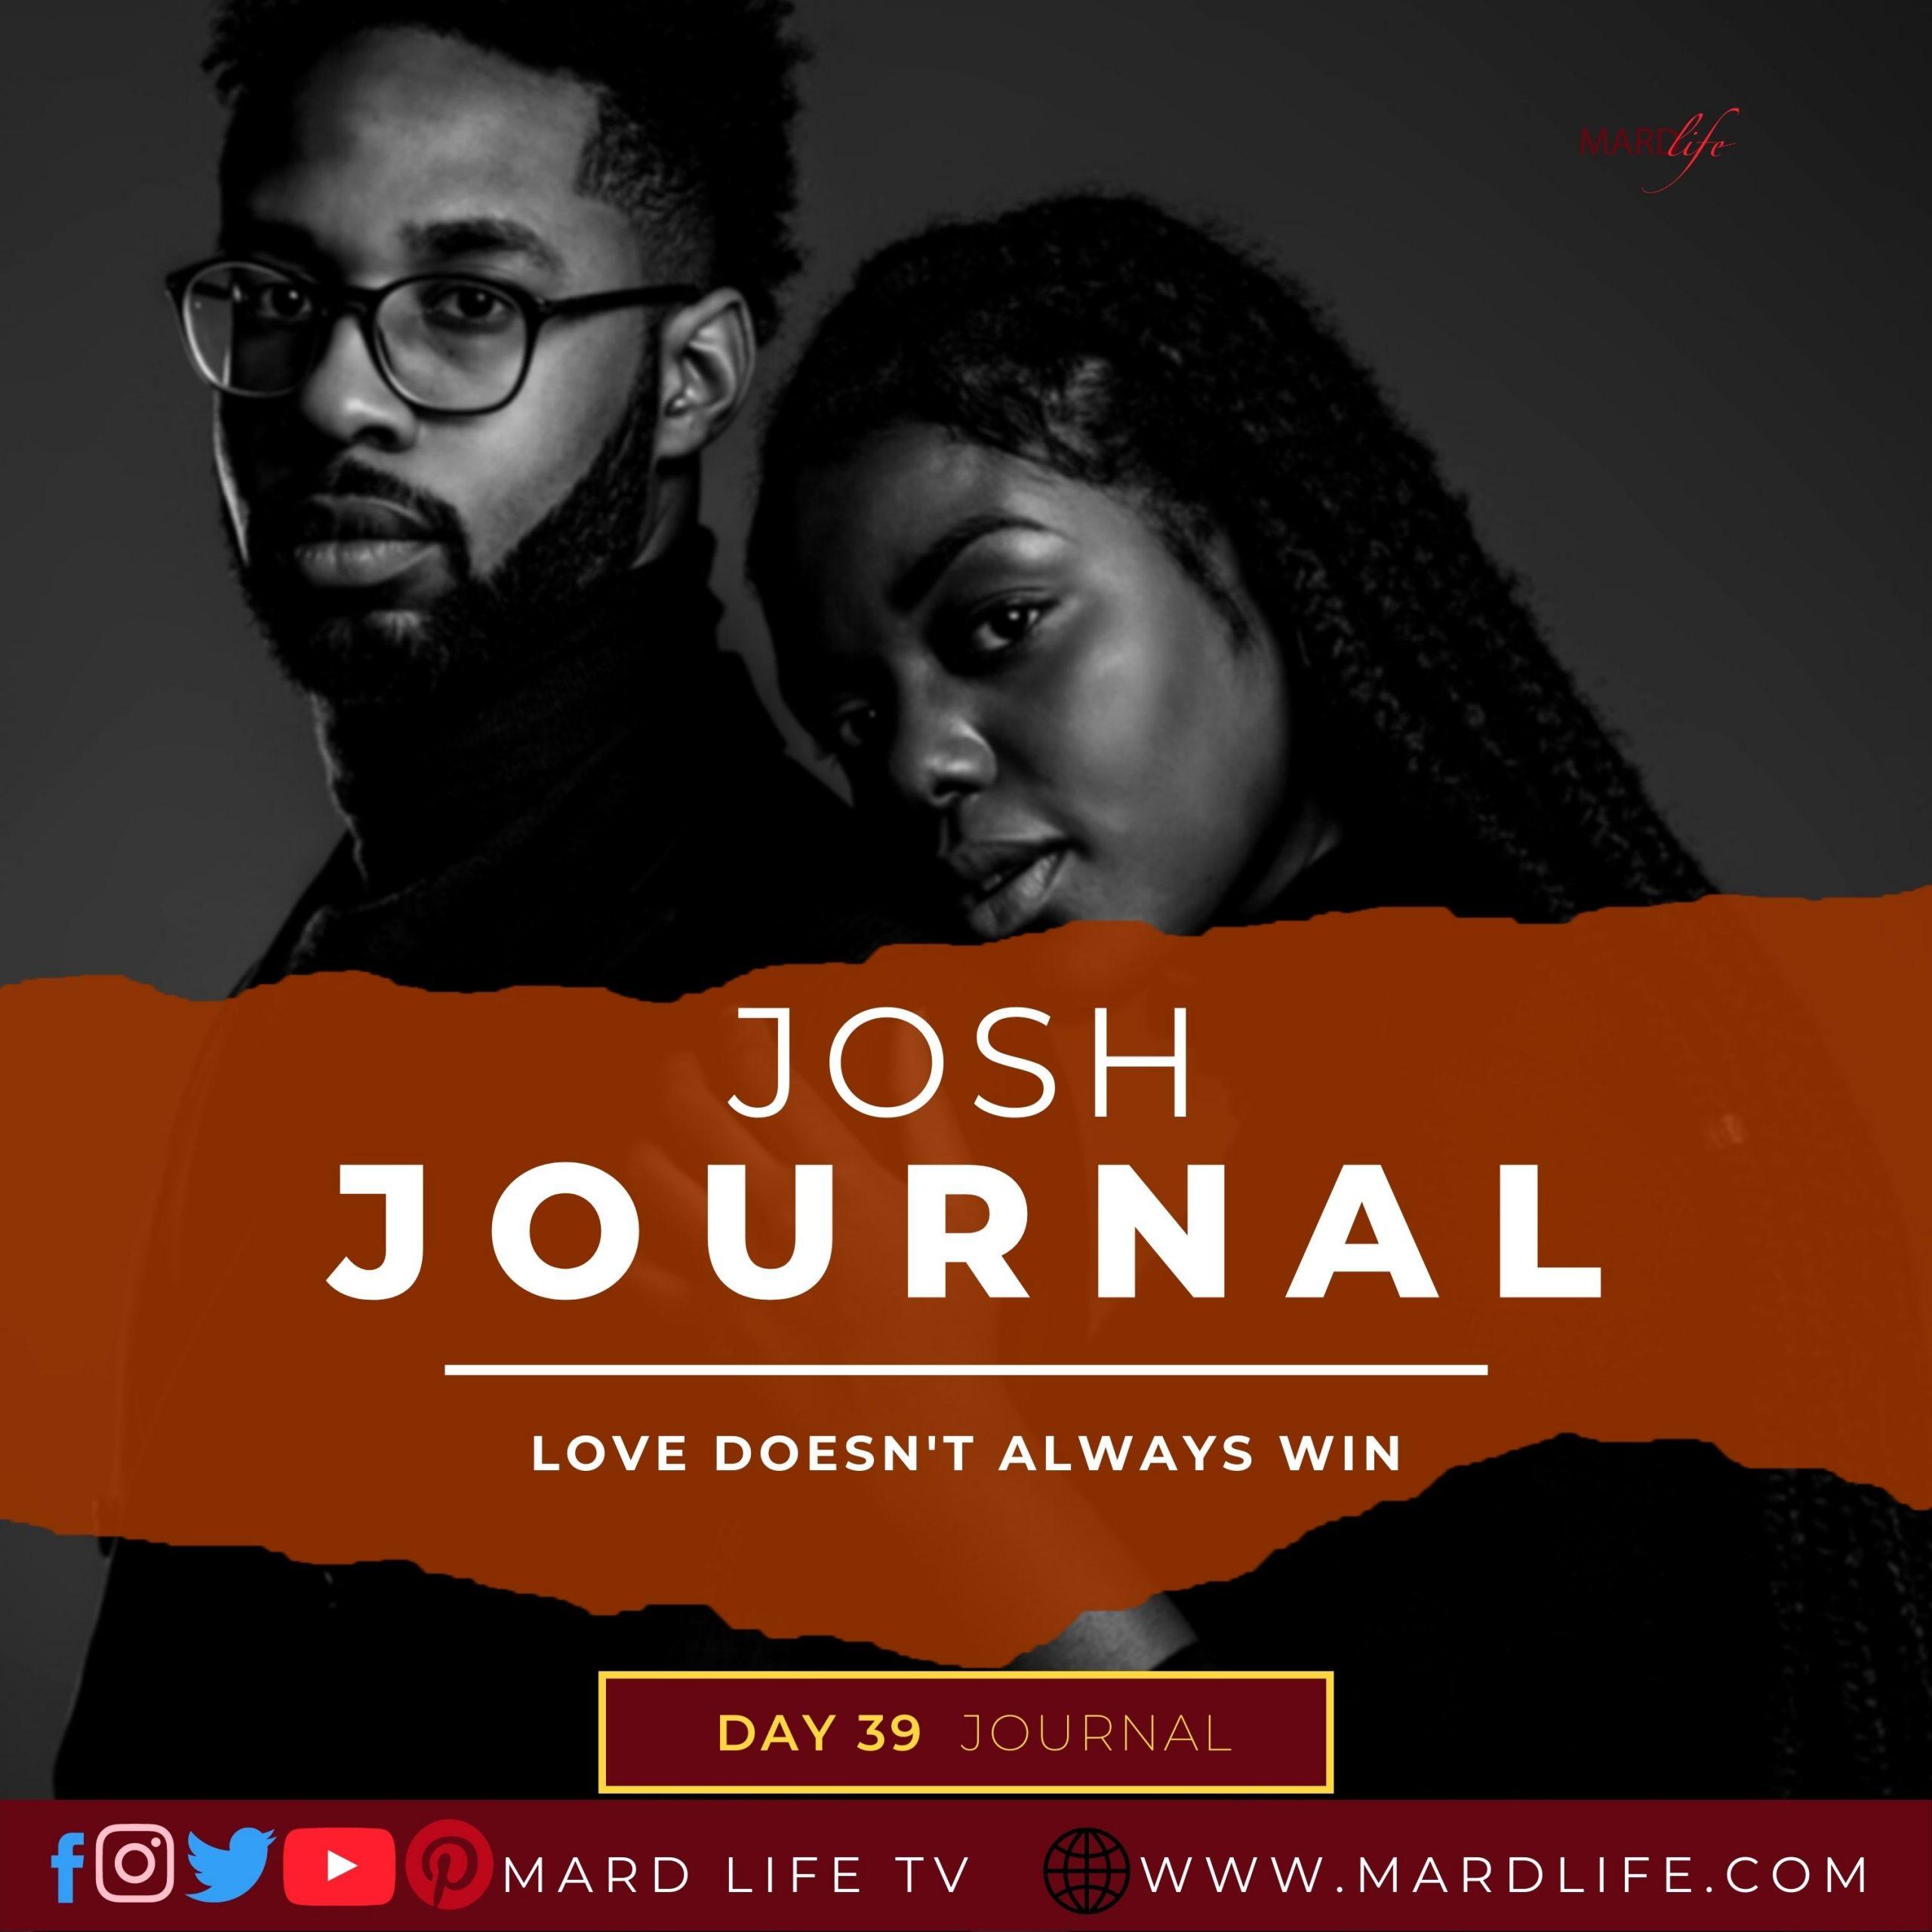 Love Doesn't Always Win – Josh Journal